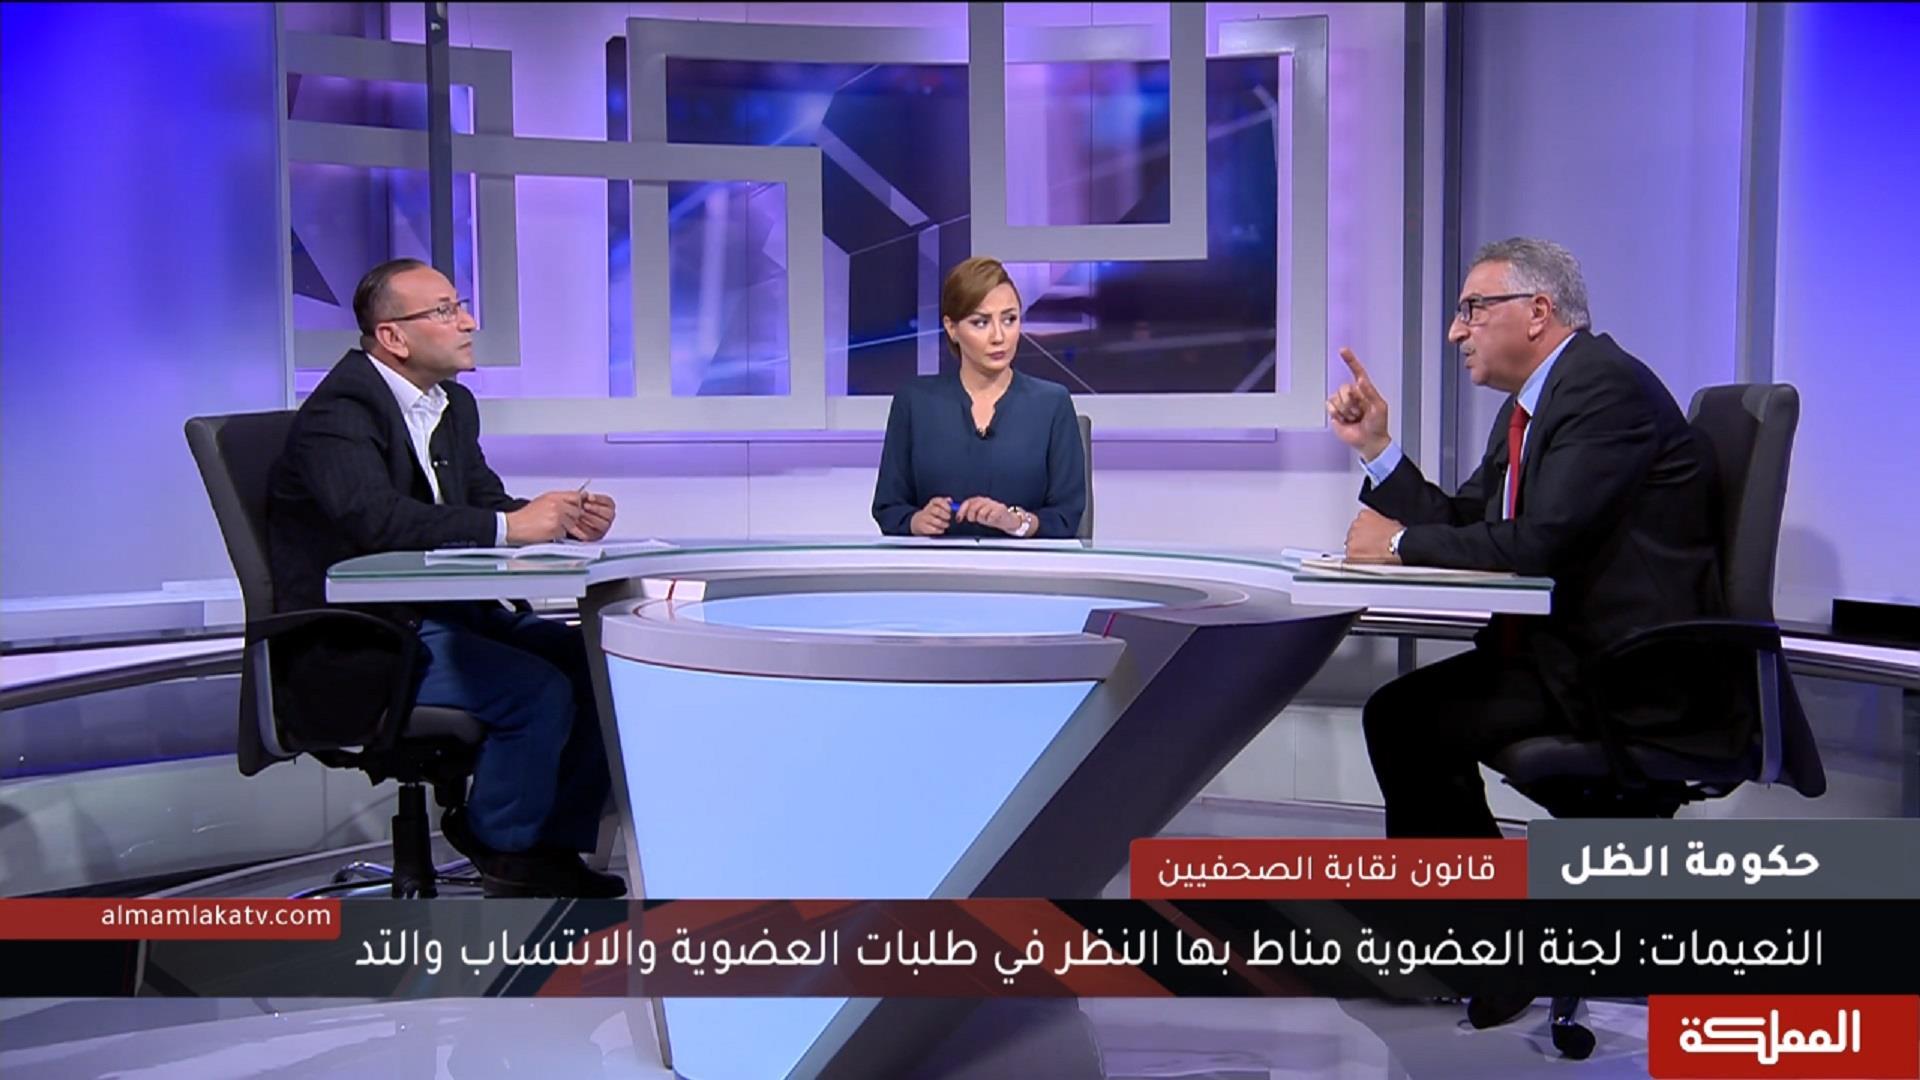 حكومة الظل | توصيات ومطالبات بتعديل قانون نقابة الصحافيين